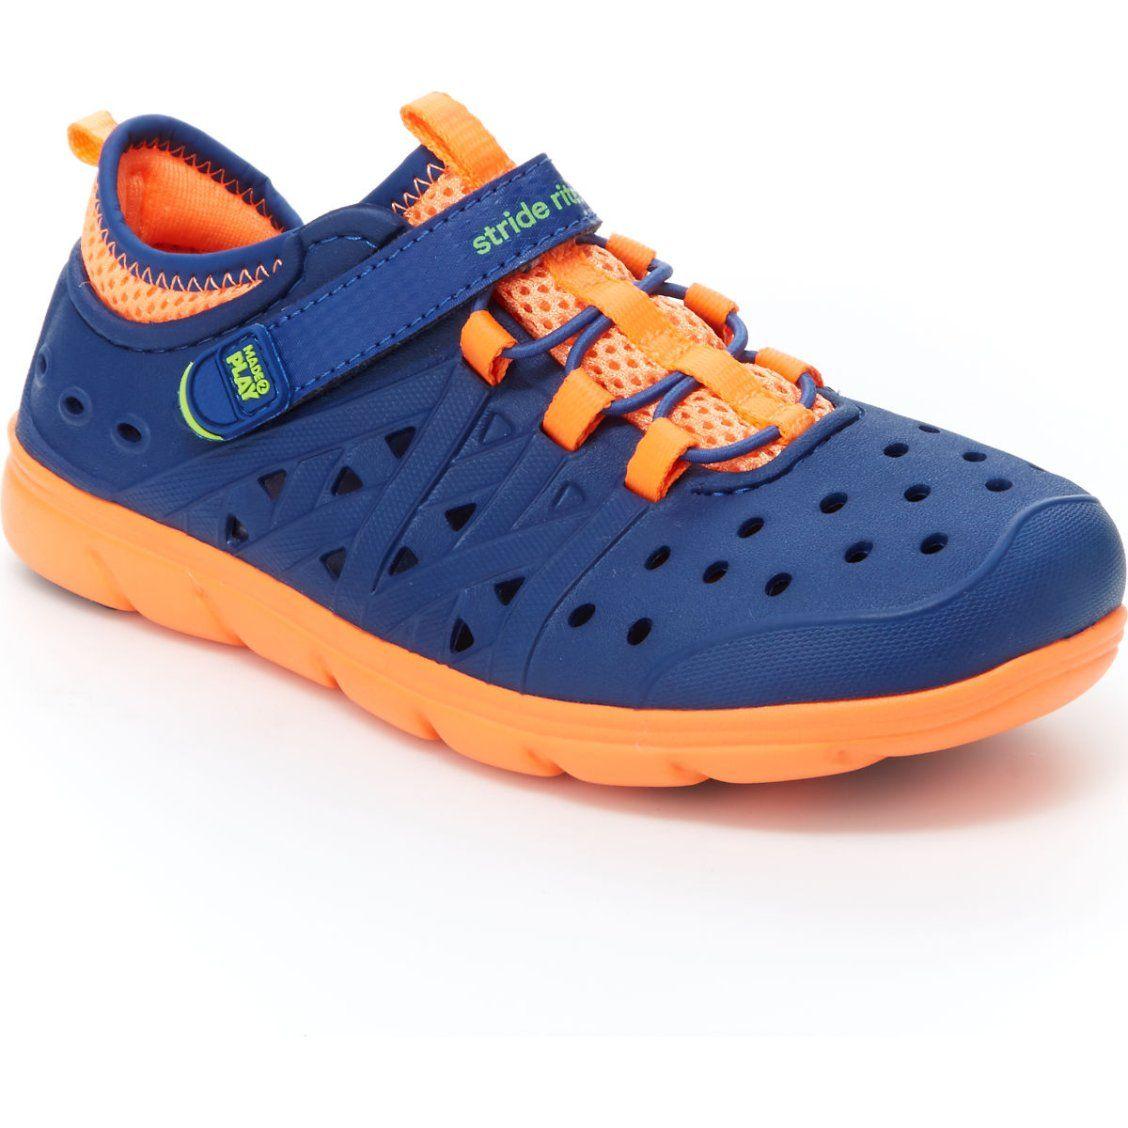 Made2Play® Phibian Sneaker Sandal